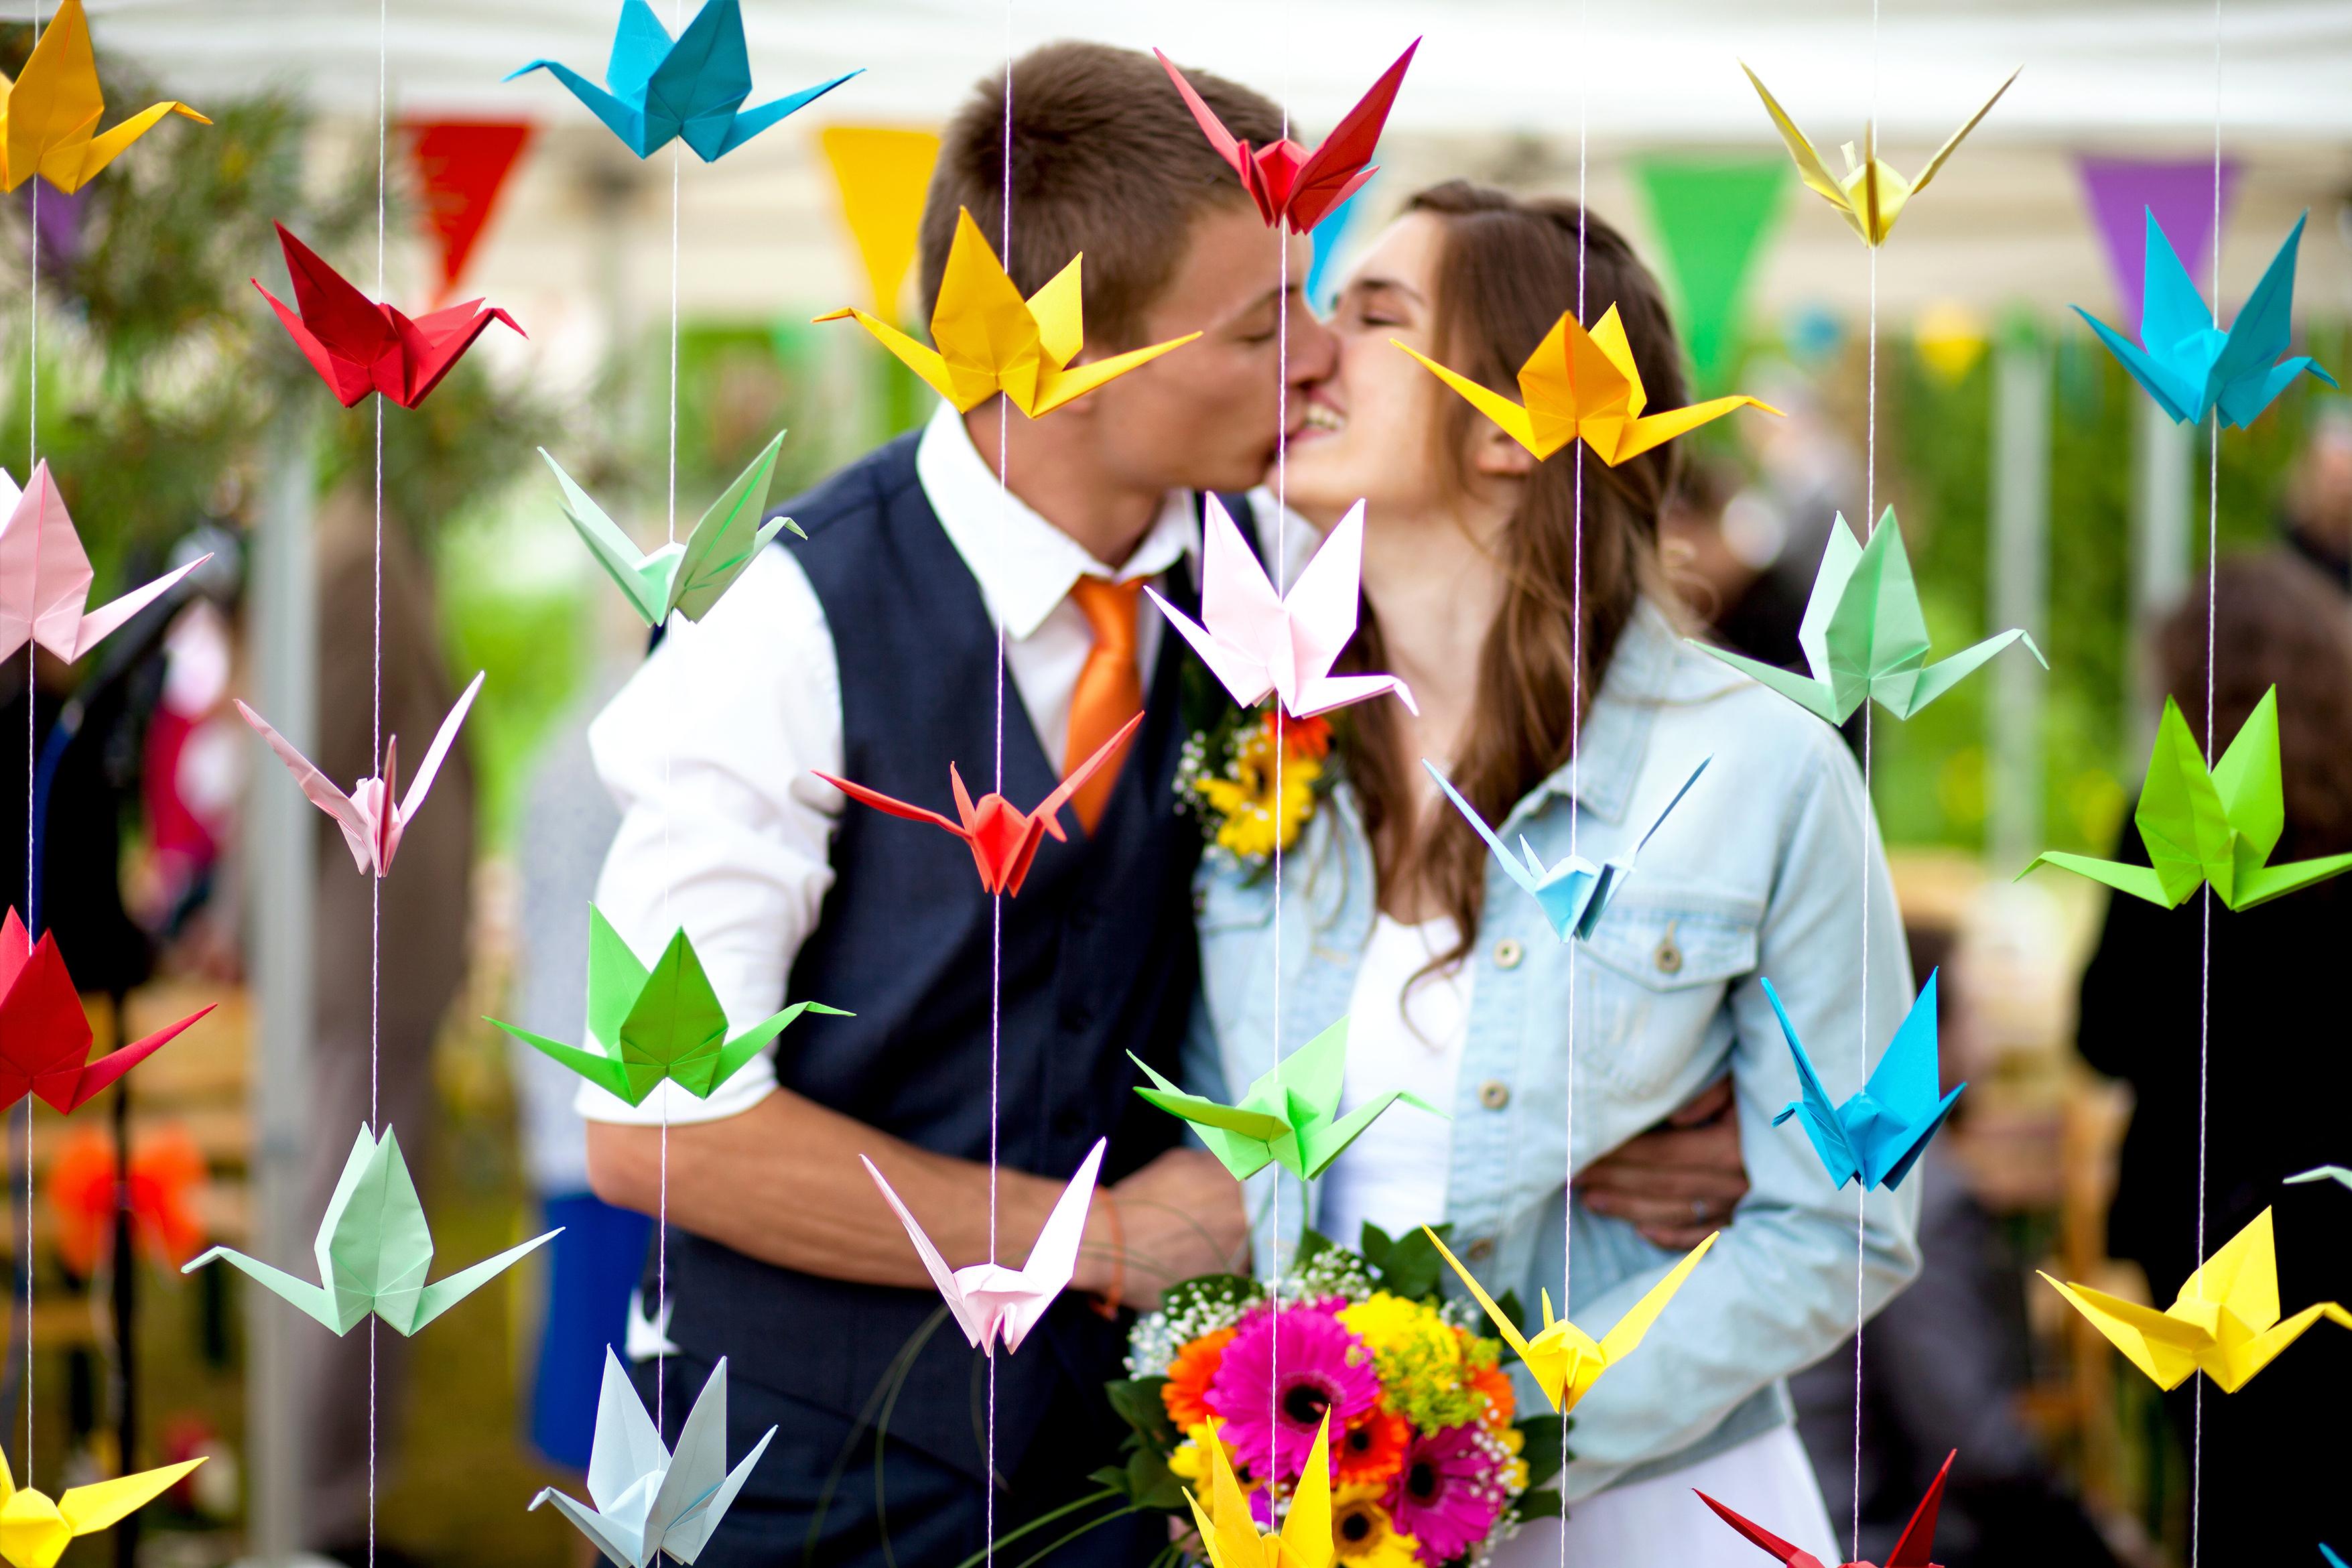 Mon mariage pétillant : la cérémonie laïque dans notre jardin, côté émotion